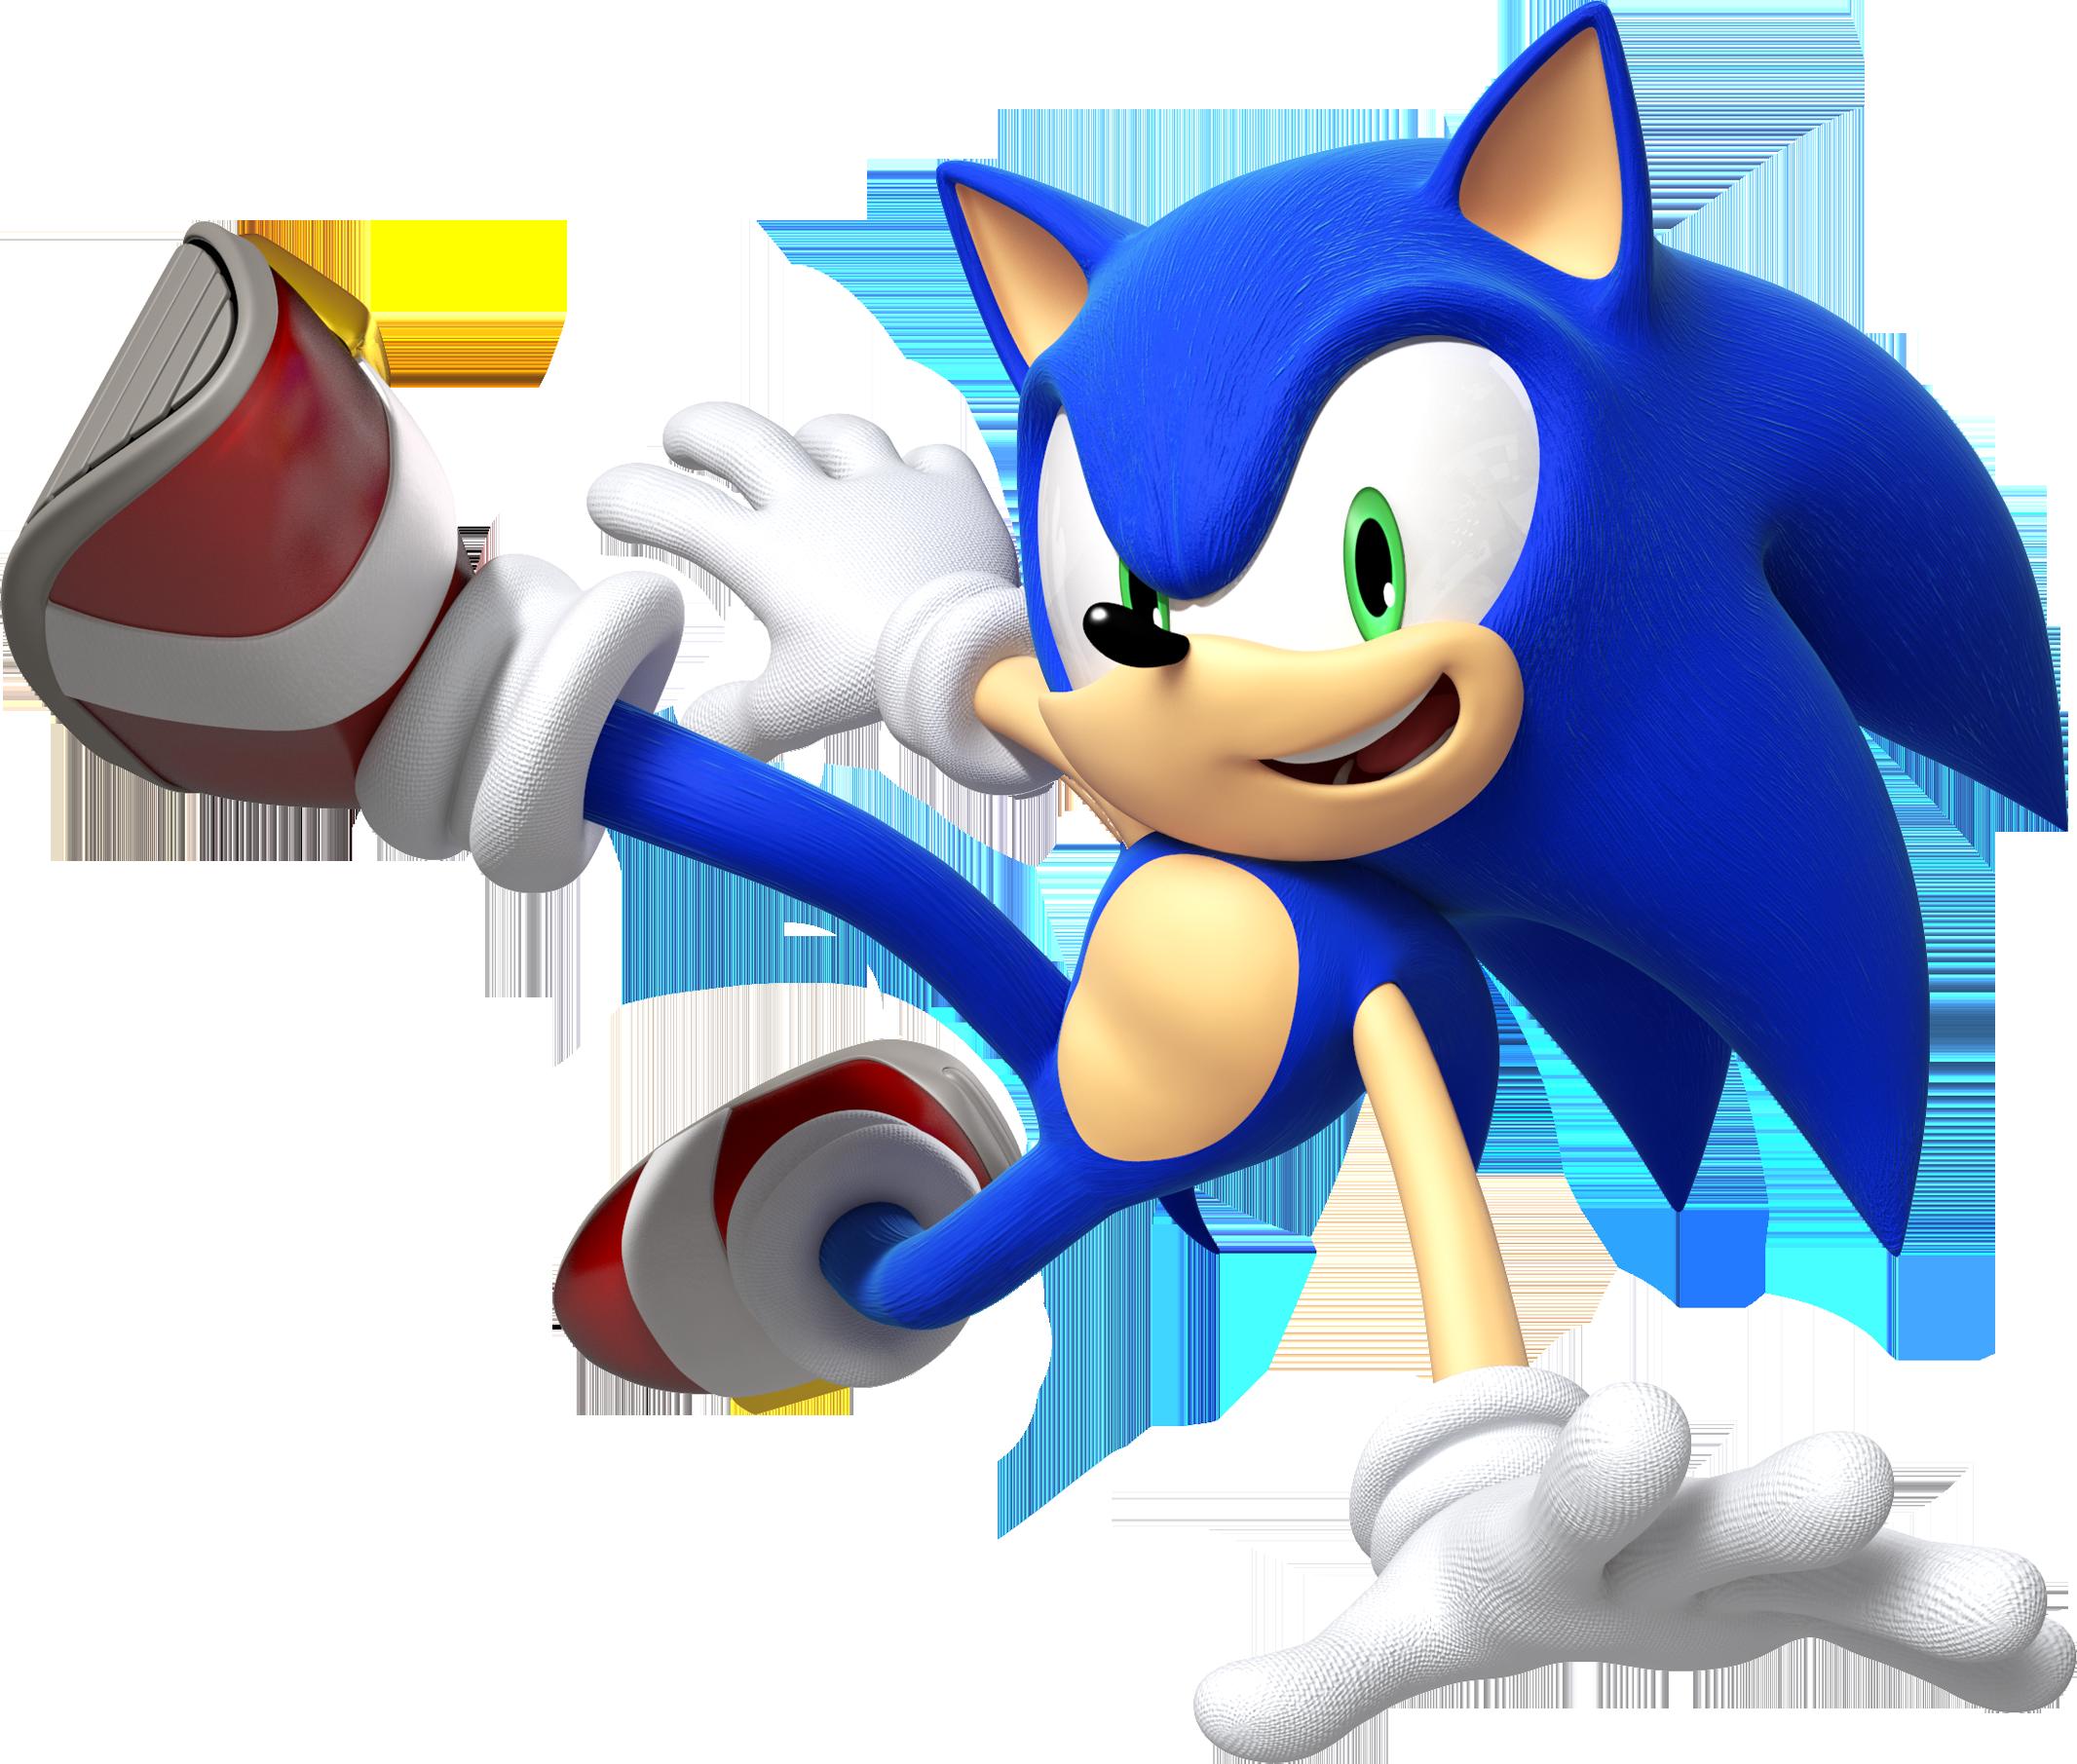 Sonic Vs Tails Vs Knuckles Visual Comparison Comparison Tables Socialcompare